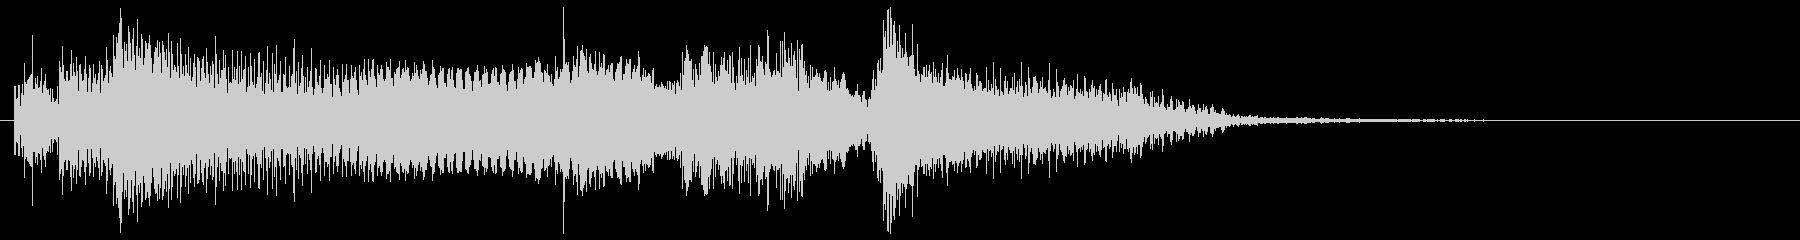 クリーントーン ギターフレーズ コードの未再生の波形